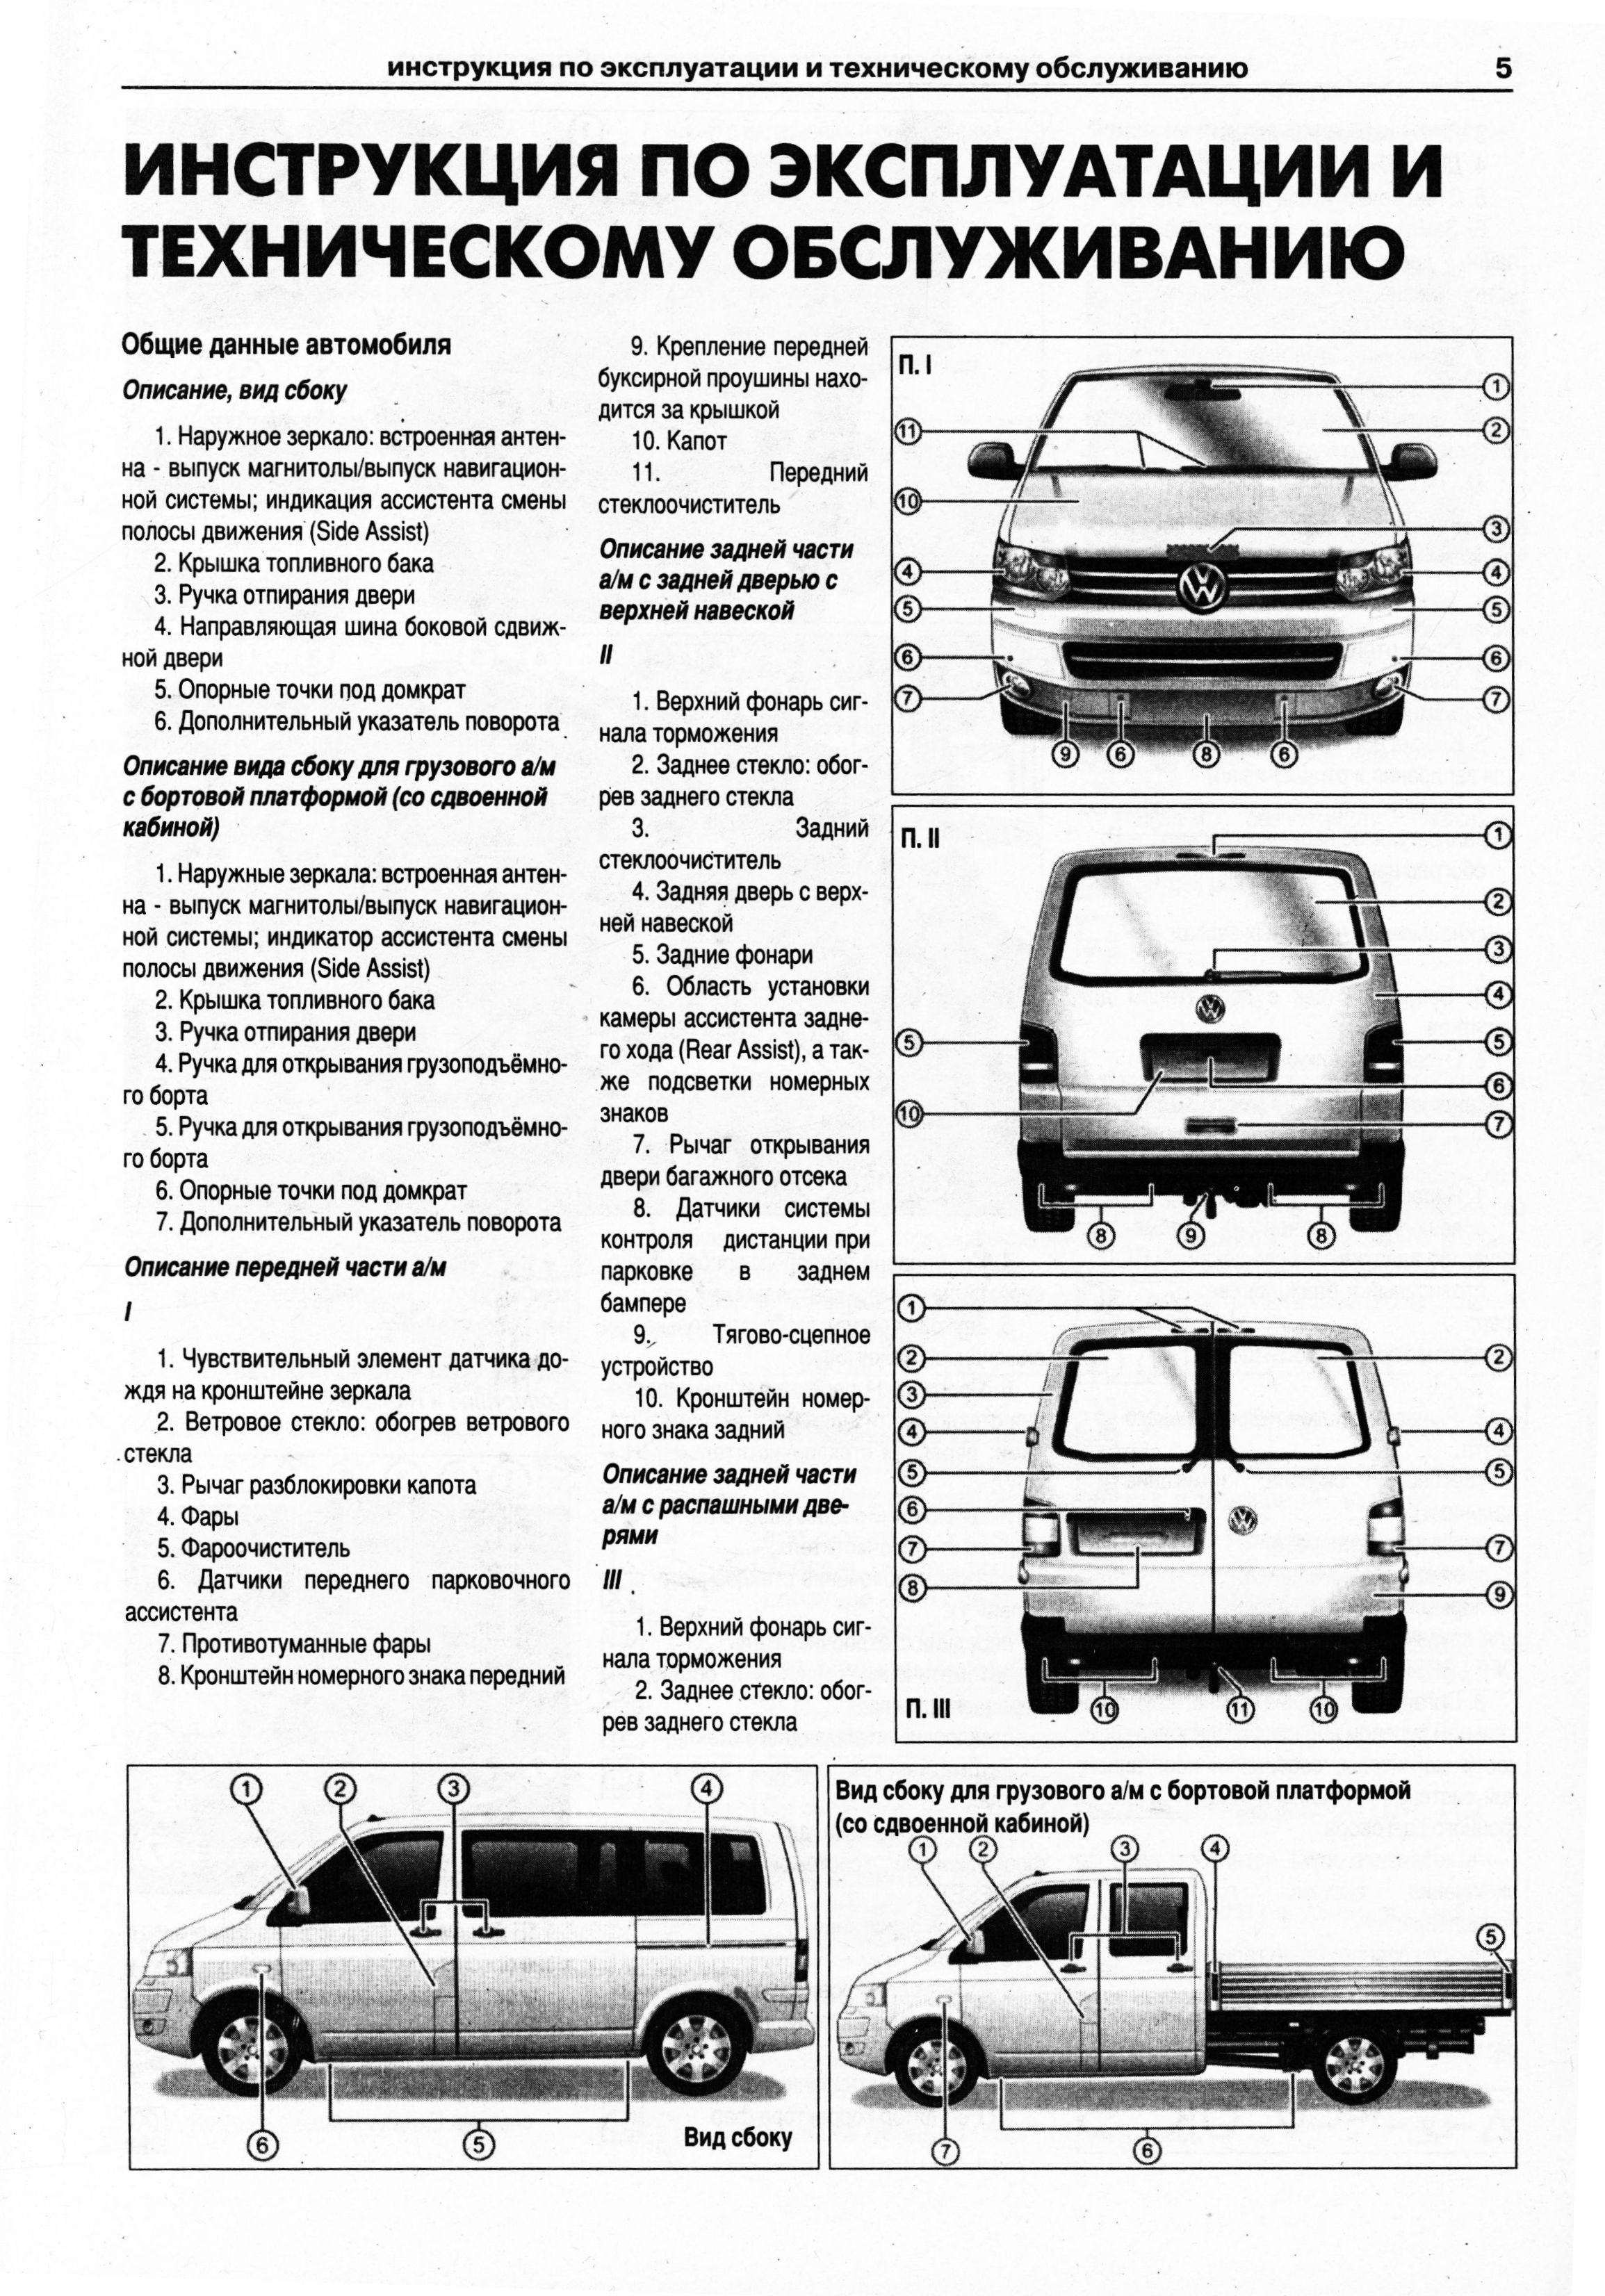 инструкция по ремонту и техобслуживанию volkswagen transporter